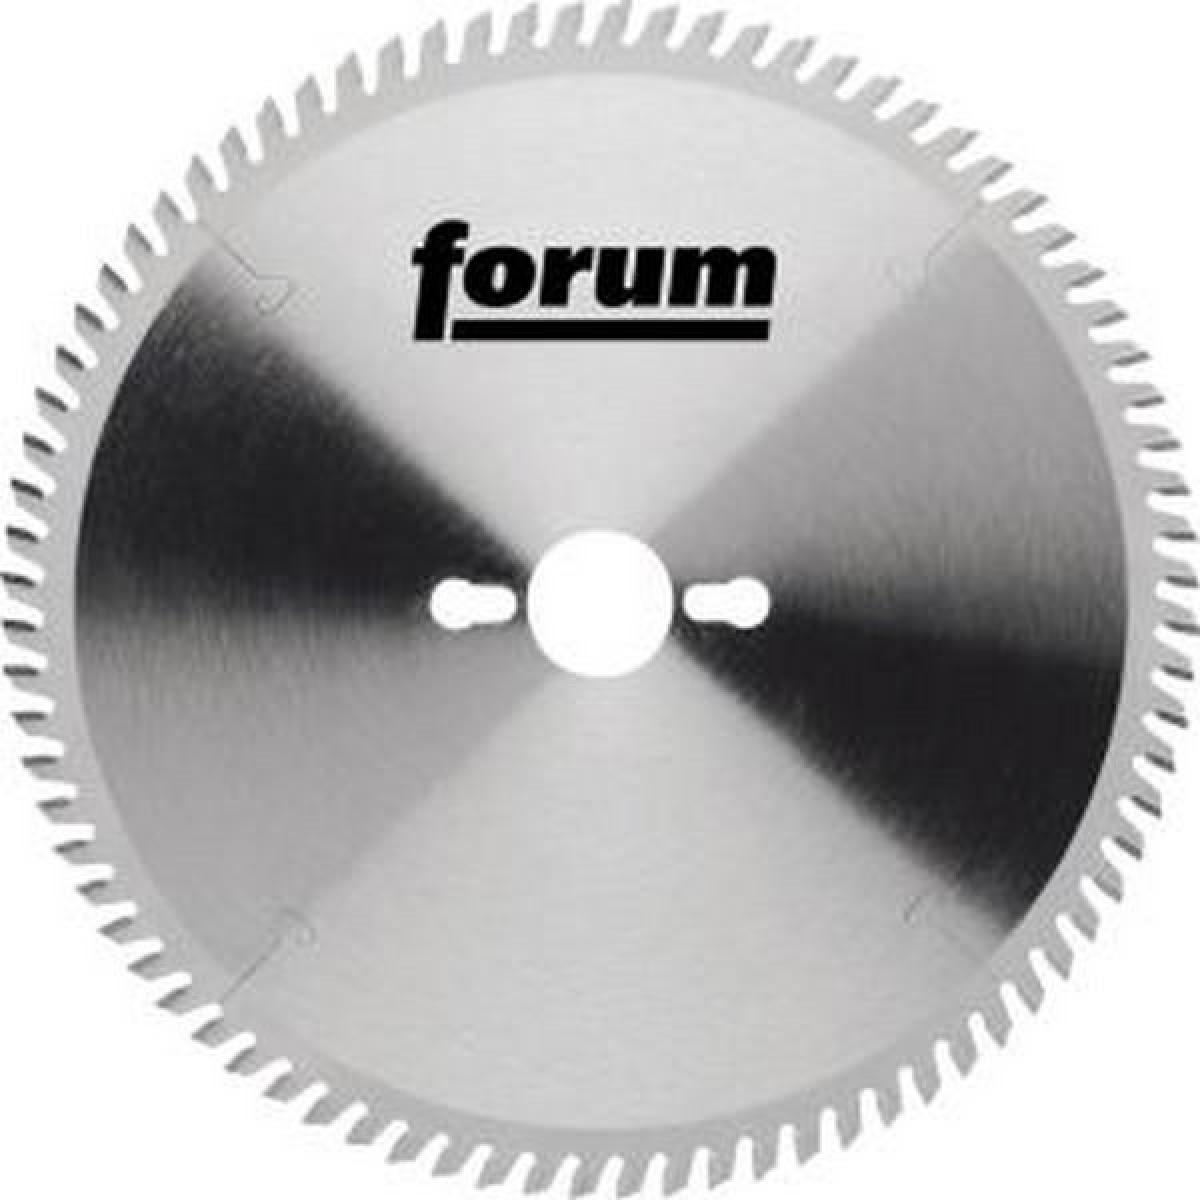 Forum Lame de scie circulaire, Ø : 250 mm, Larg. : 2,1 mm, Alésage 30 mm, Perçages secondaires : 2KNL*, Dents : 80